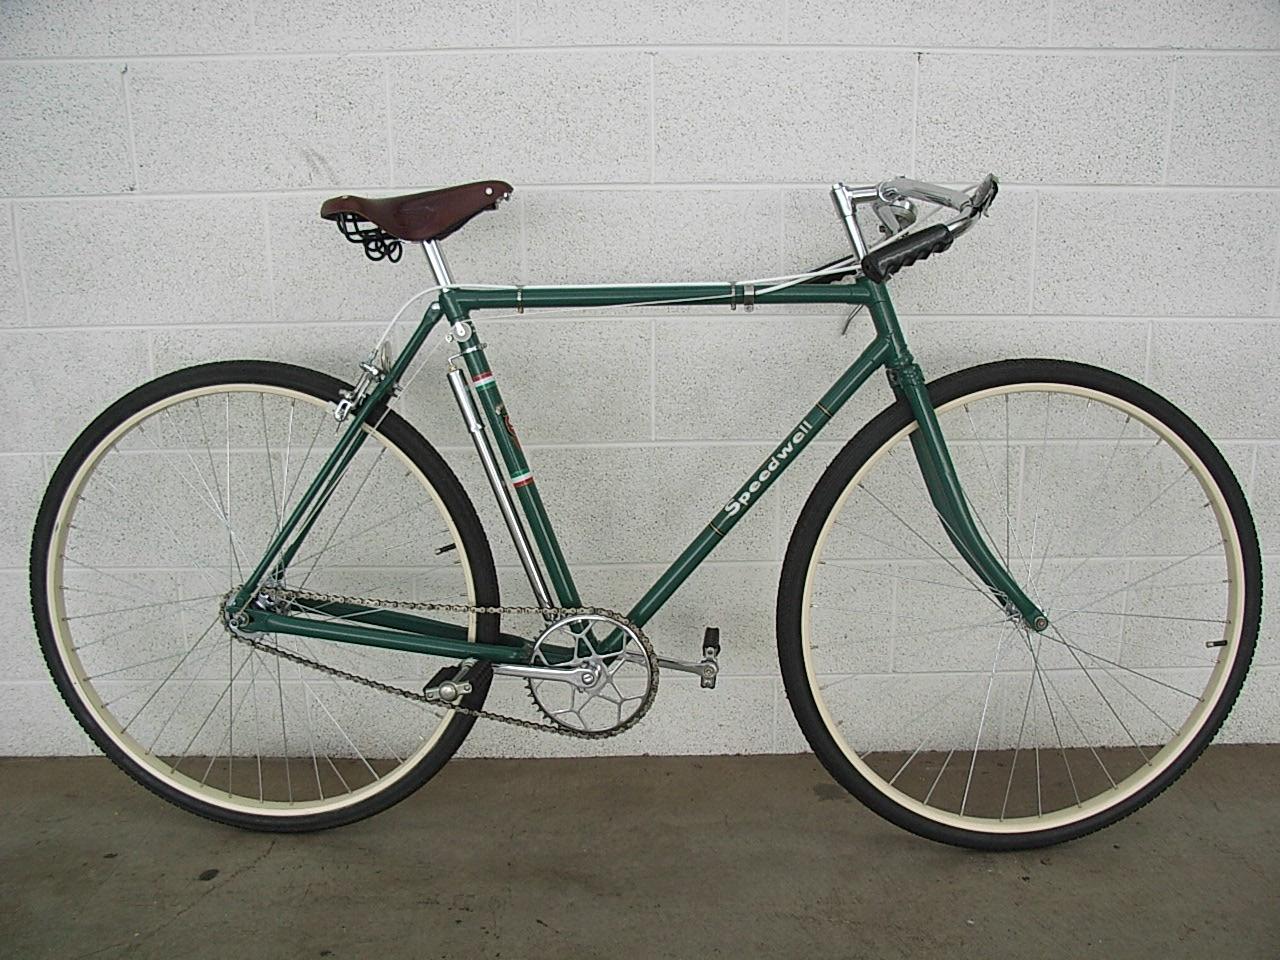 Vintage bicycle serial numbers, nude kwait women